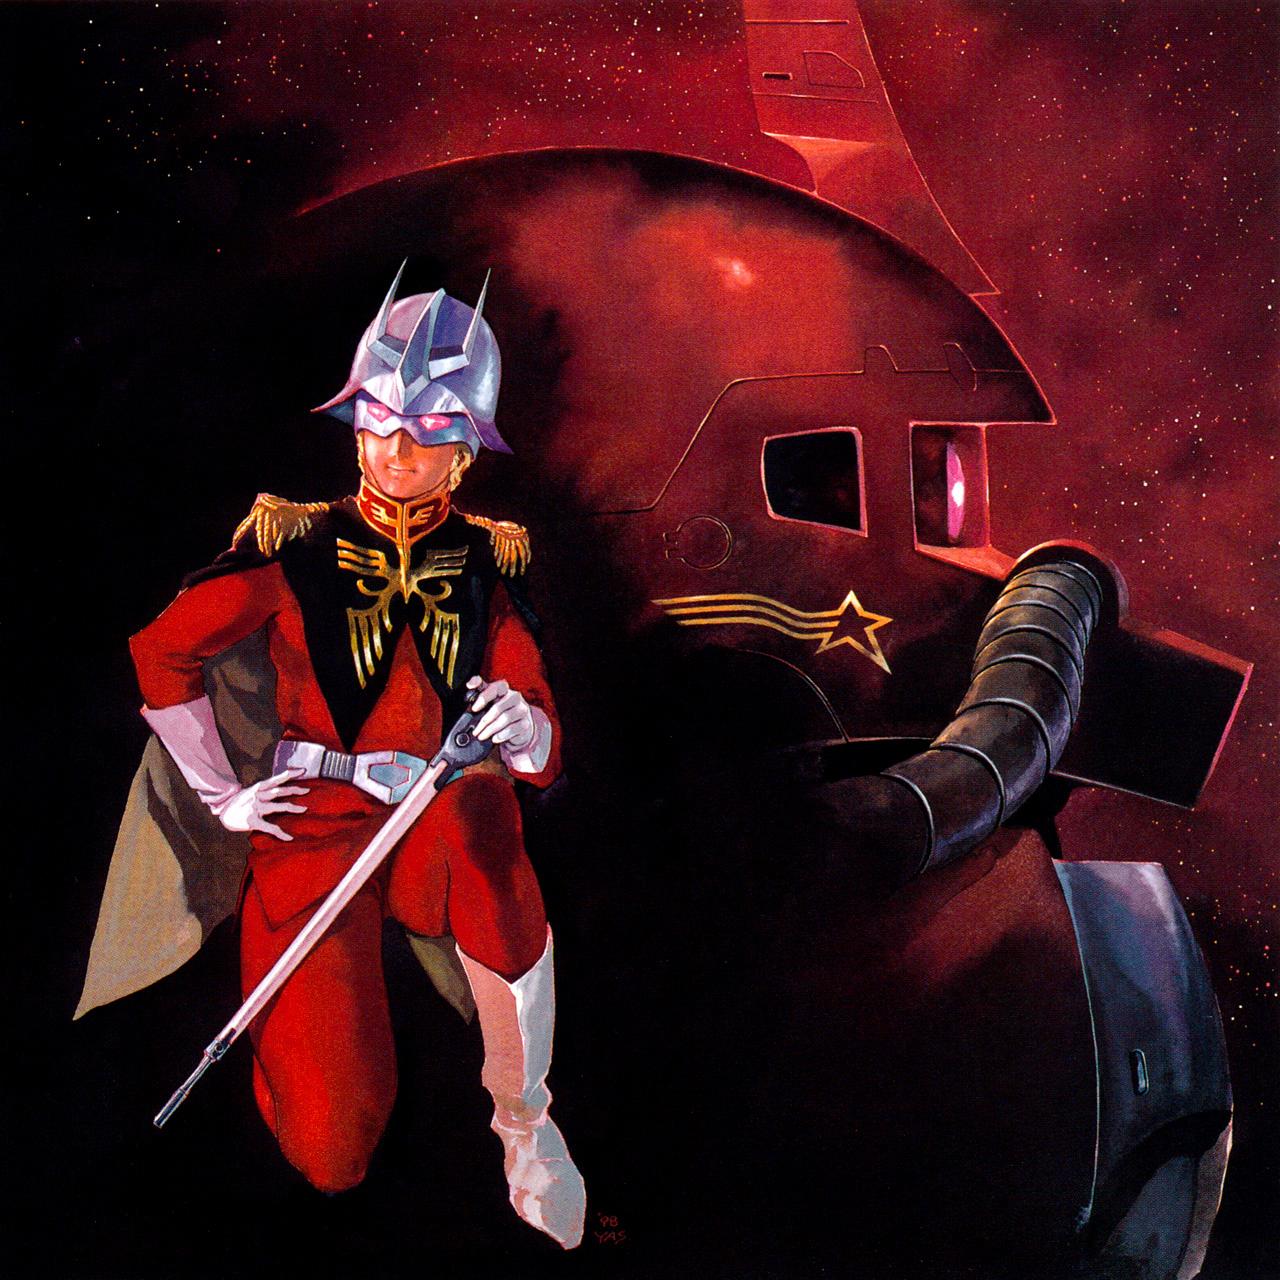 Mobile Suit Gundam 0079 - Classic Poster ImagesGundam 0079